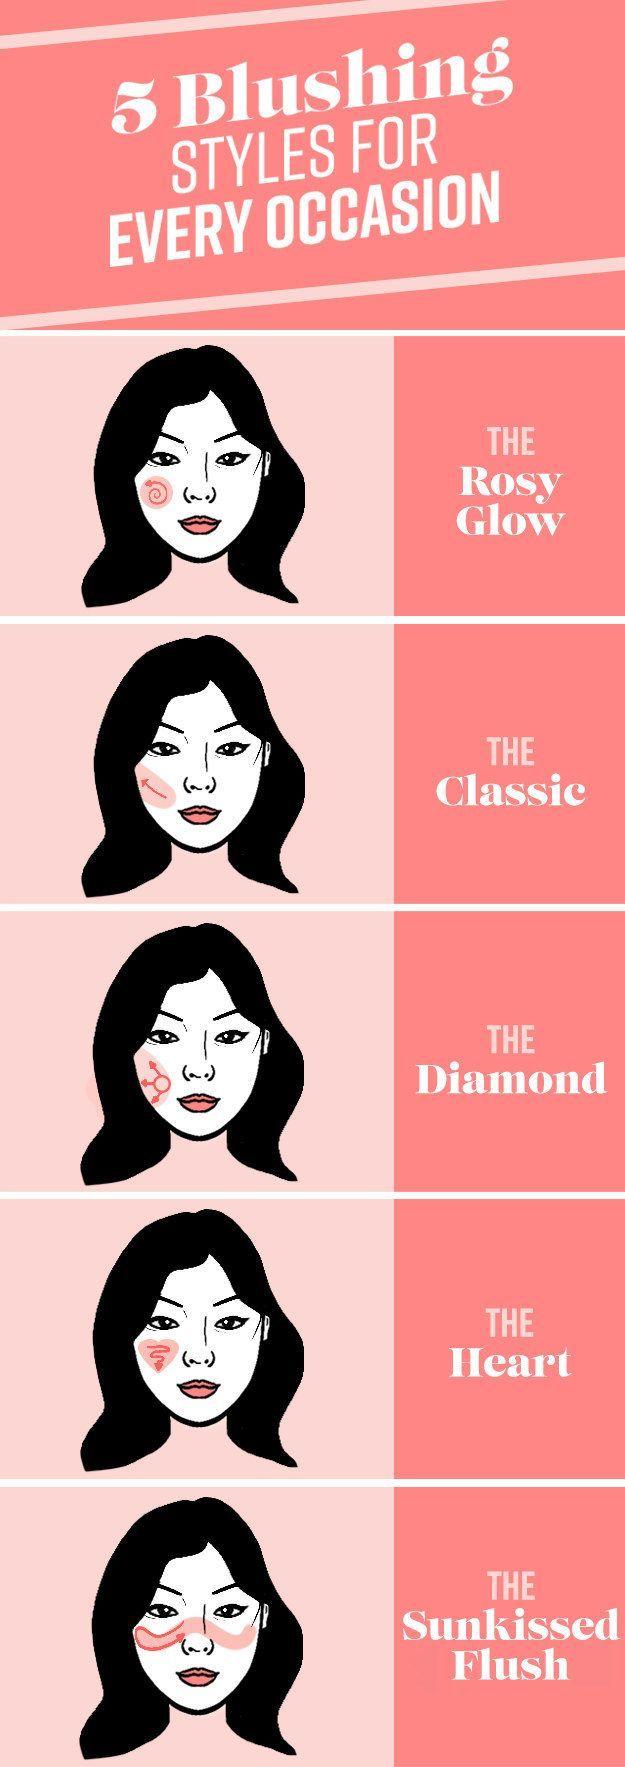 Und wenn alles andere fehlschlägt, probieren Sie einen dieser idiotensicheren Rouge-Looks. #AsianMakeupWed …